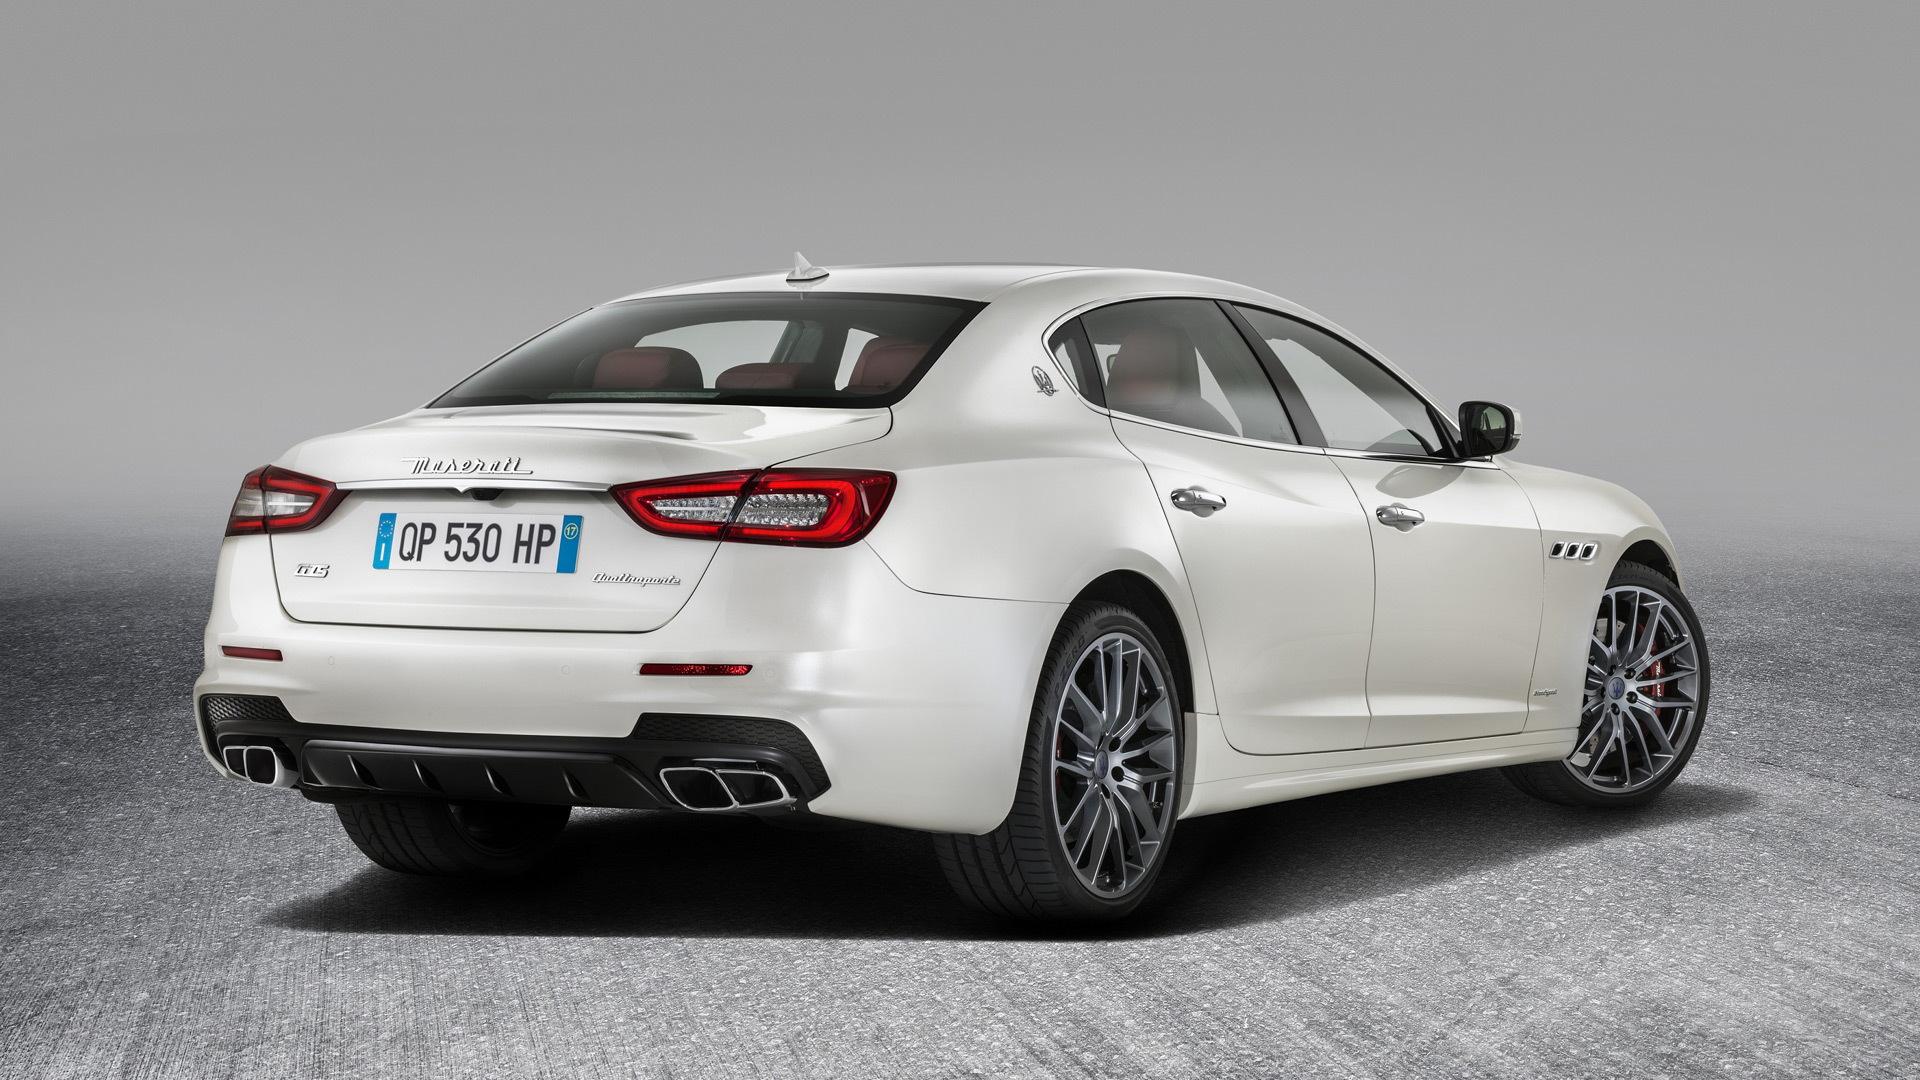 2012 Maserati Quattroporte Reviews - Research Quattroporte ... |Maserati Quatra Porte